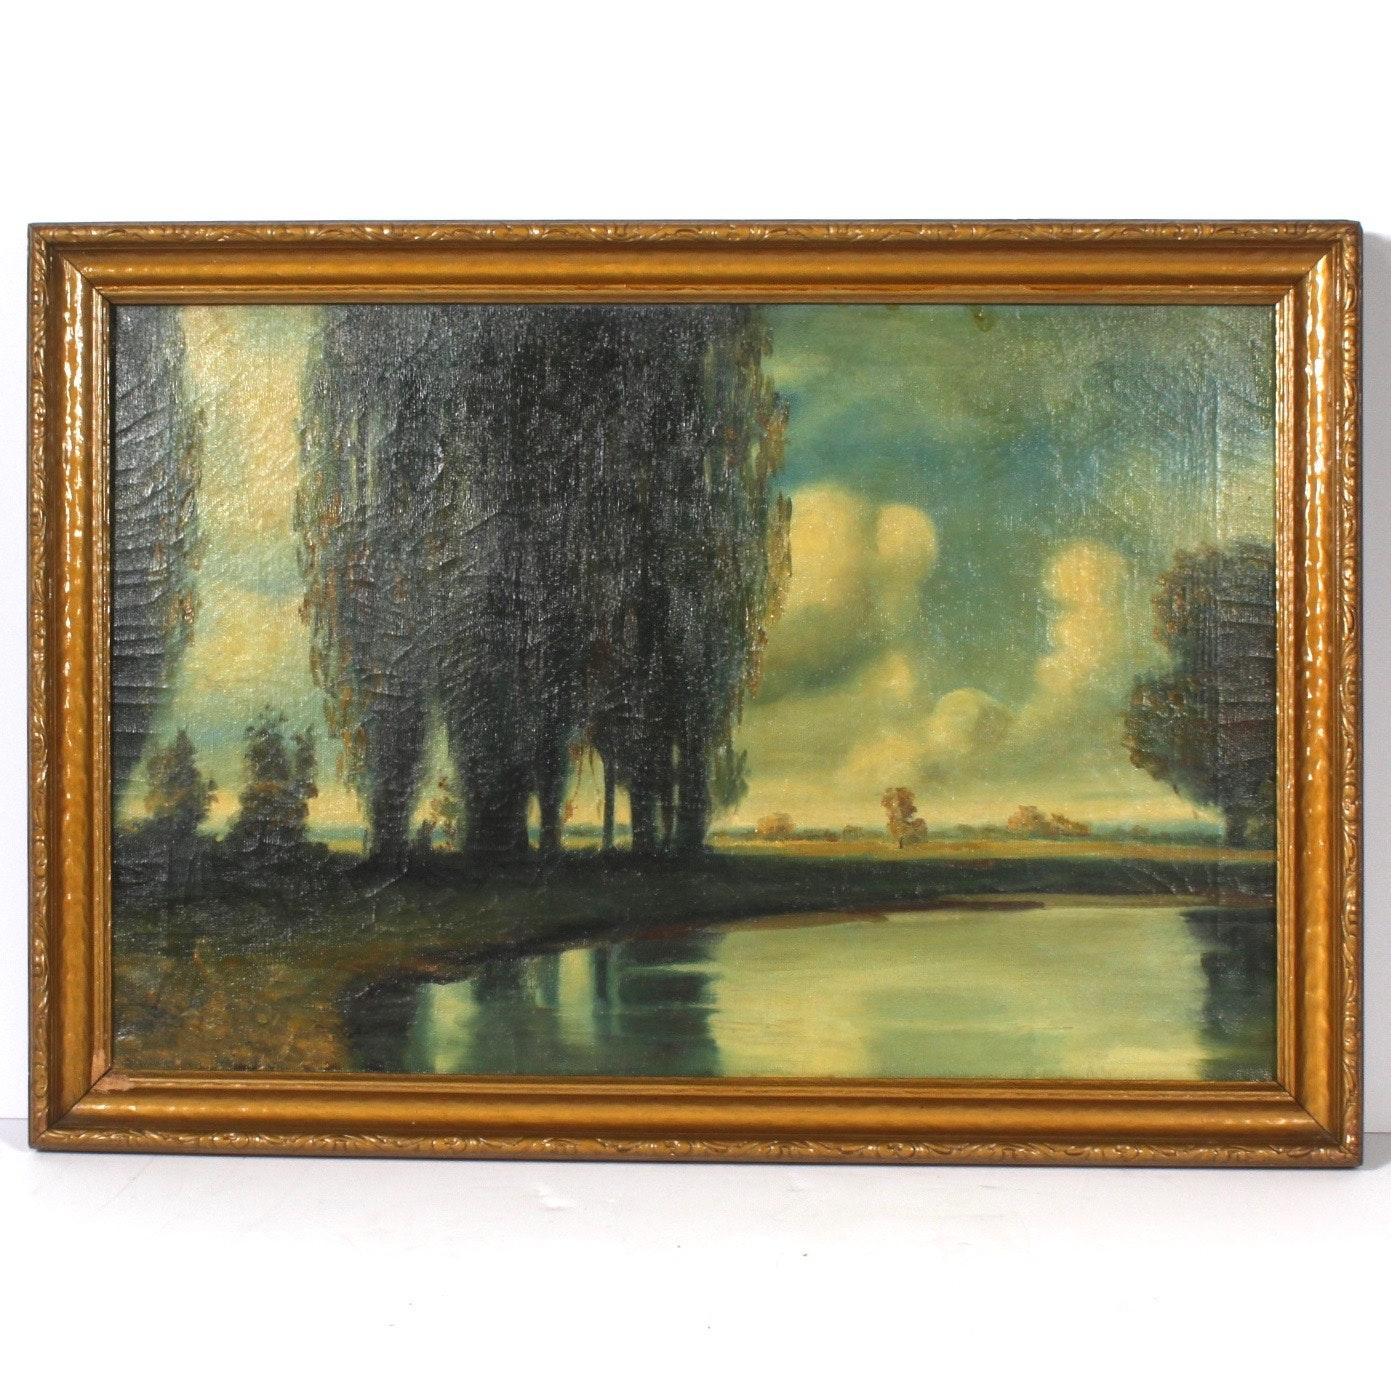 Antique Landscape Oil Painting on Canvas